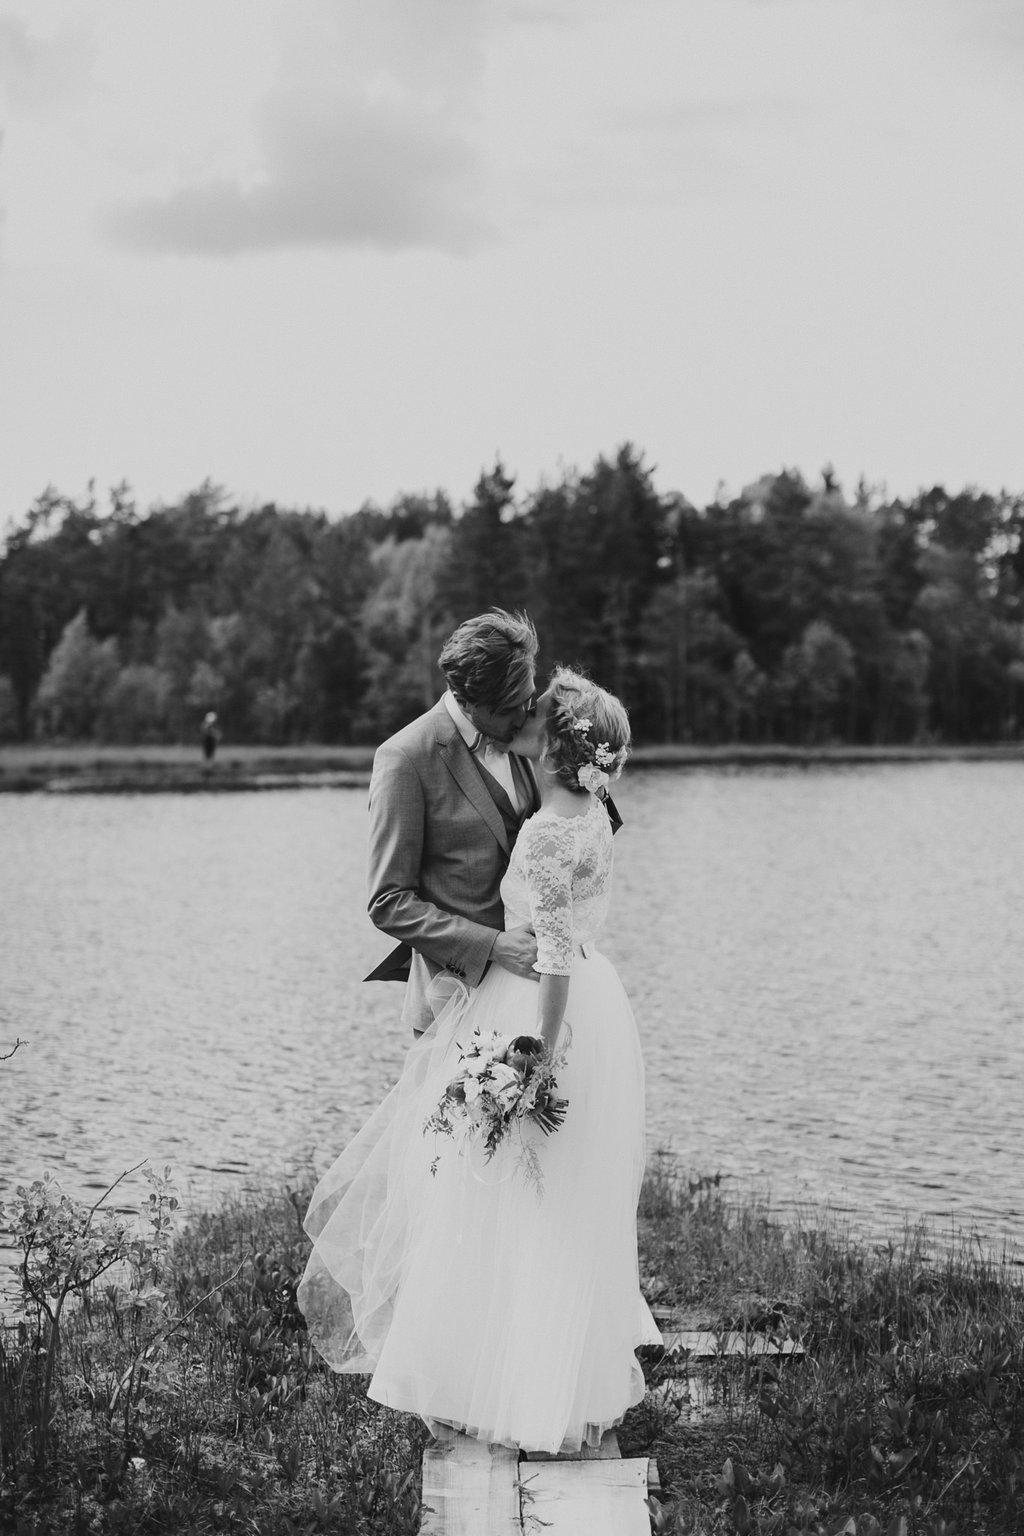 140607_wedding_emelie_gustav_pp-645.jpg